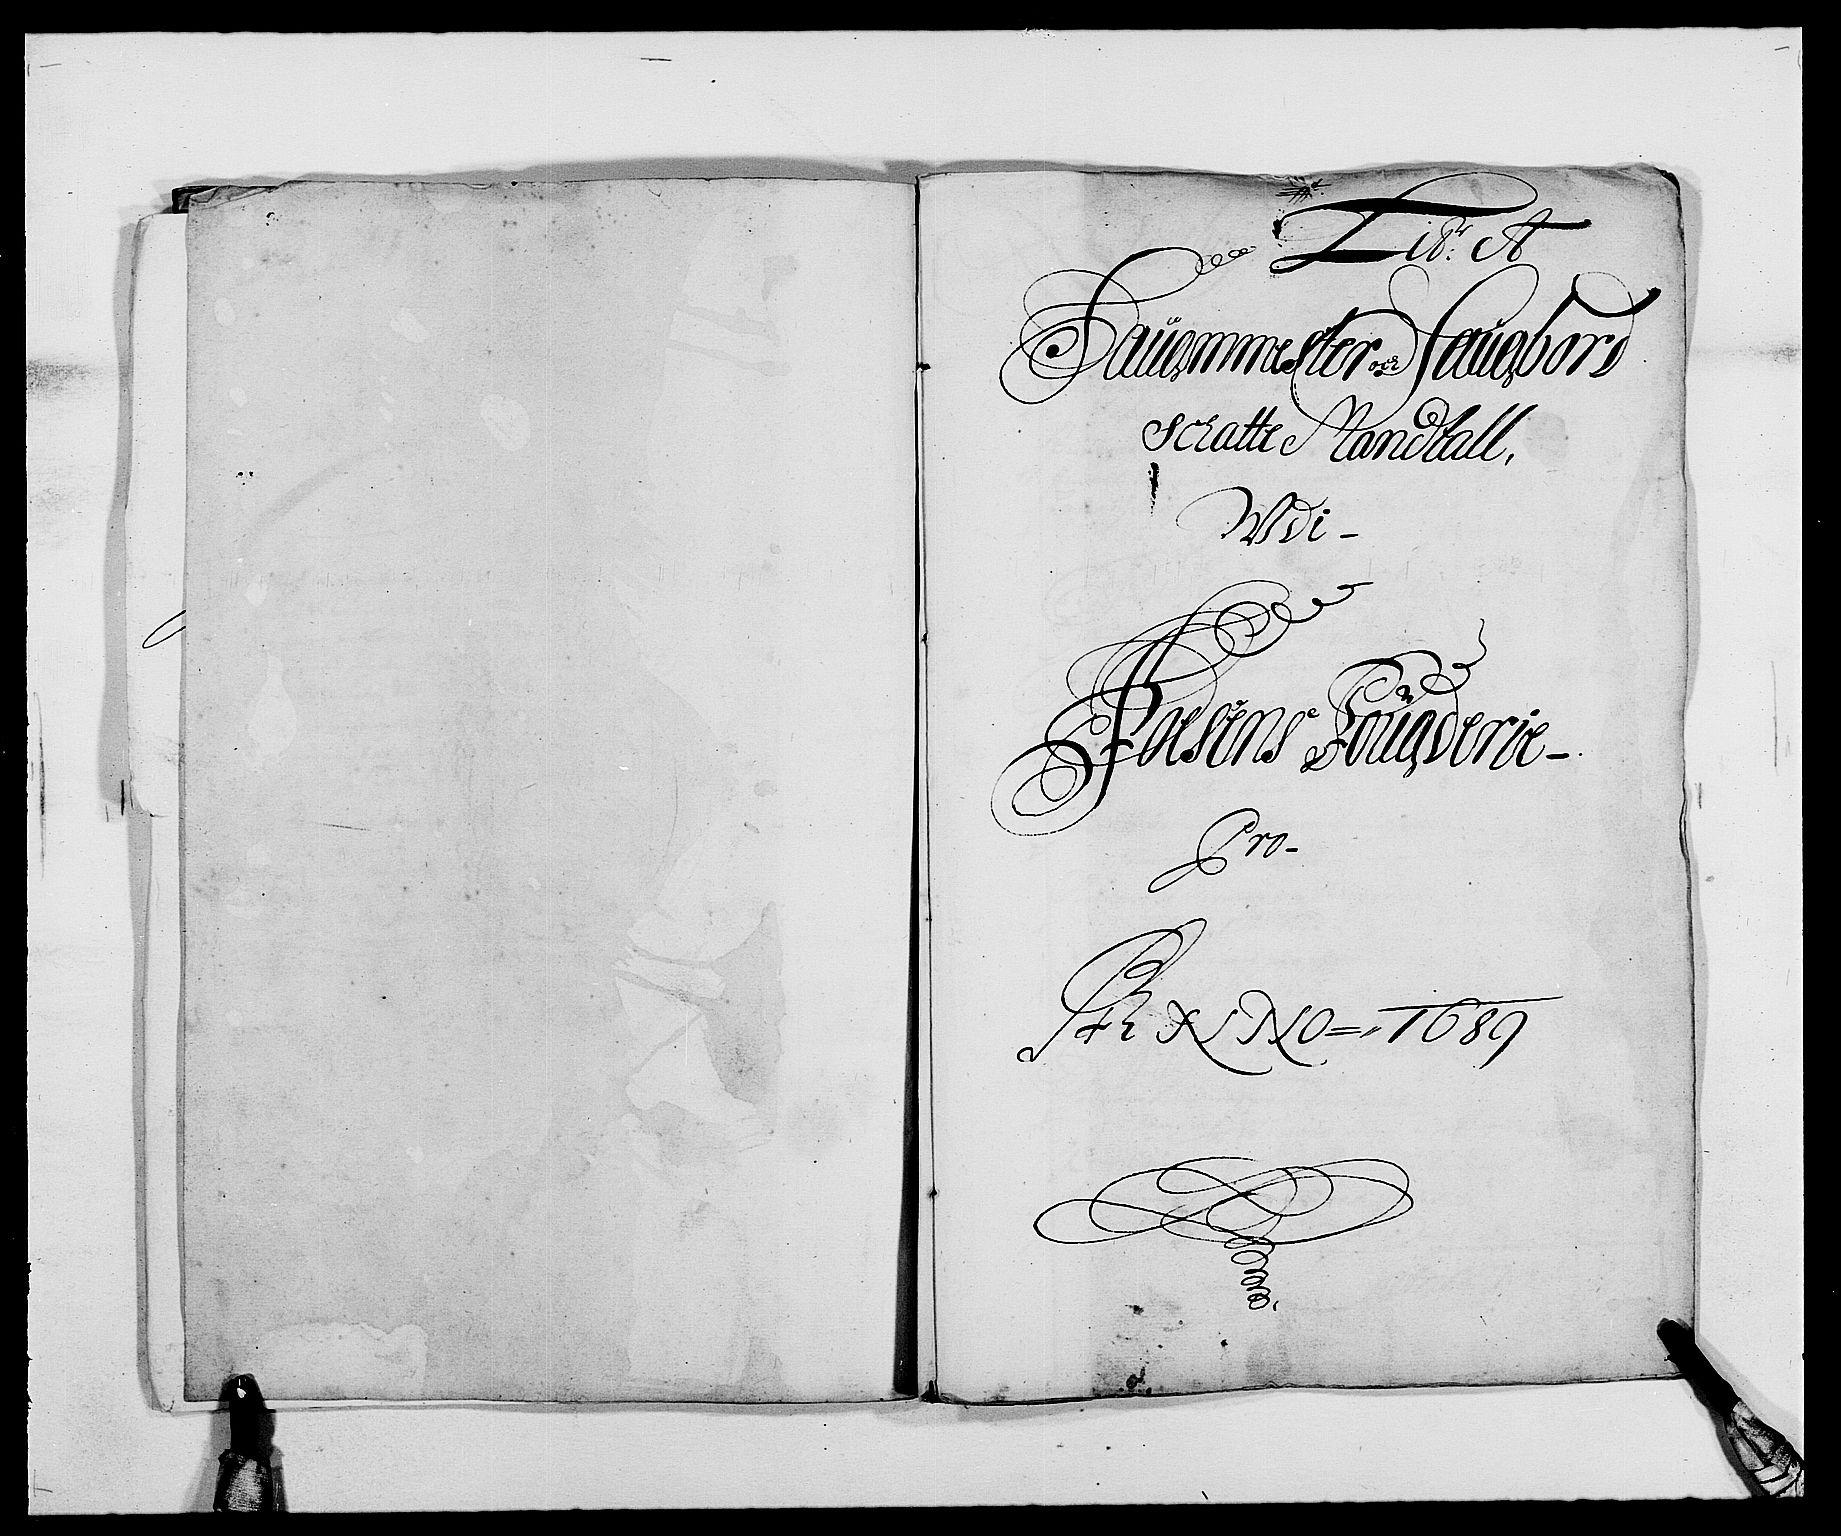 RA, Rentekammeret inntil 1814, Reviderte regnskaper, Fogderegnskap, R57/L3847: Fogderegnskap Fosen, 1689, s. 14